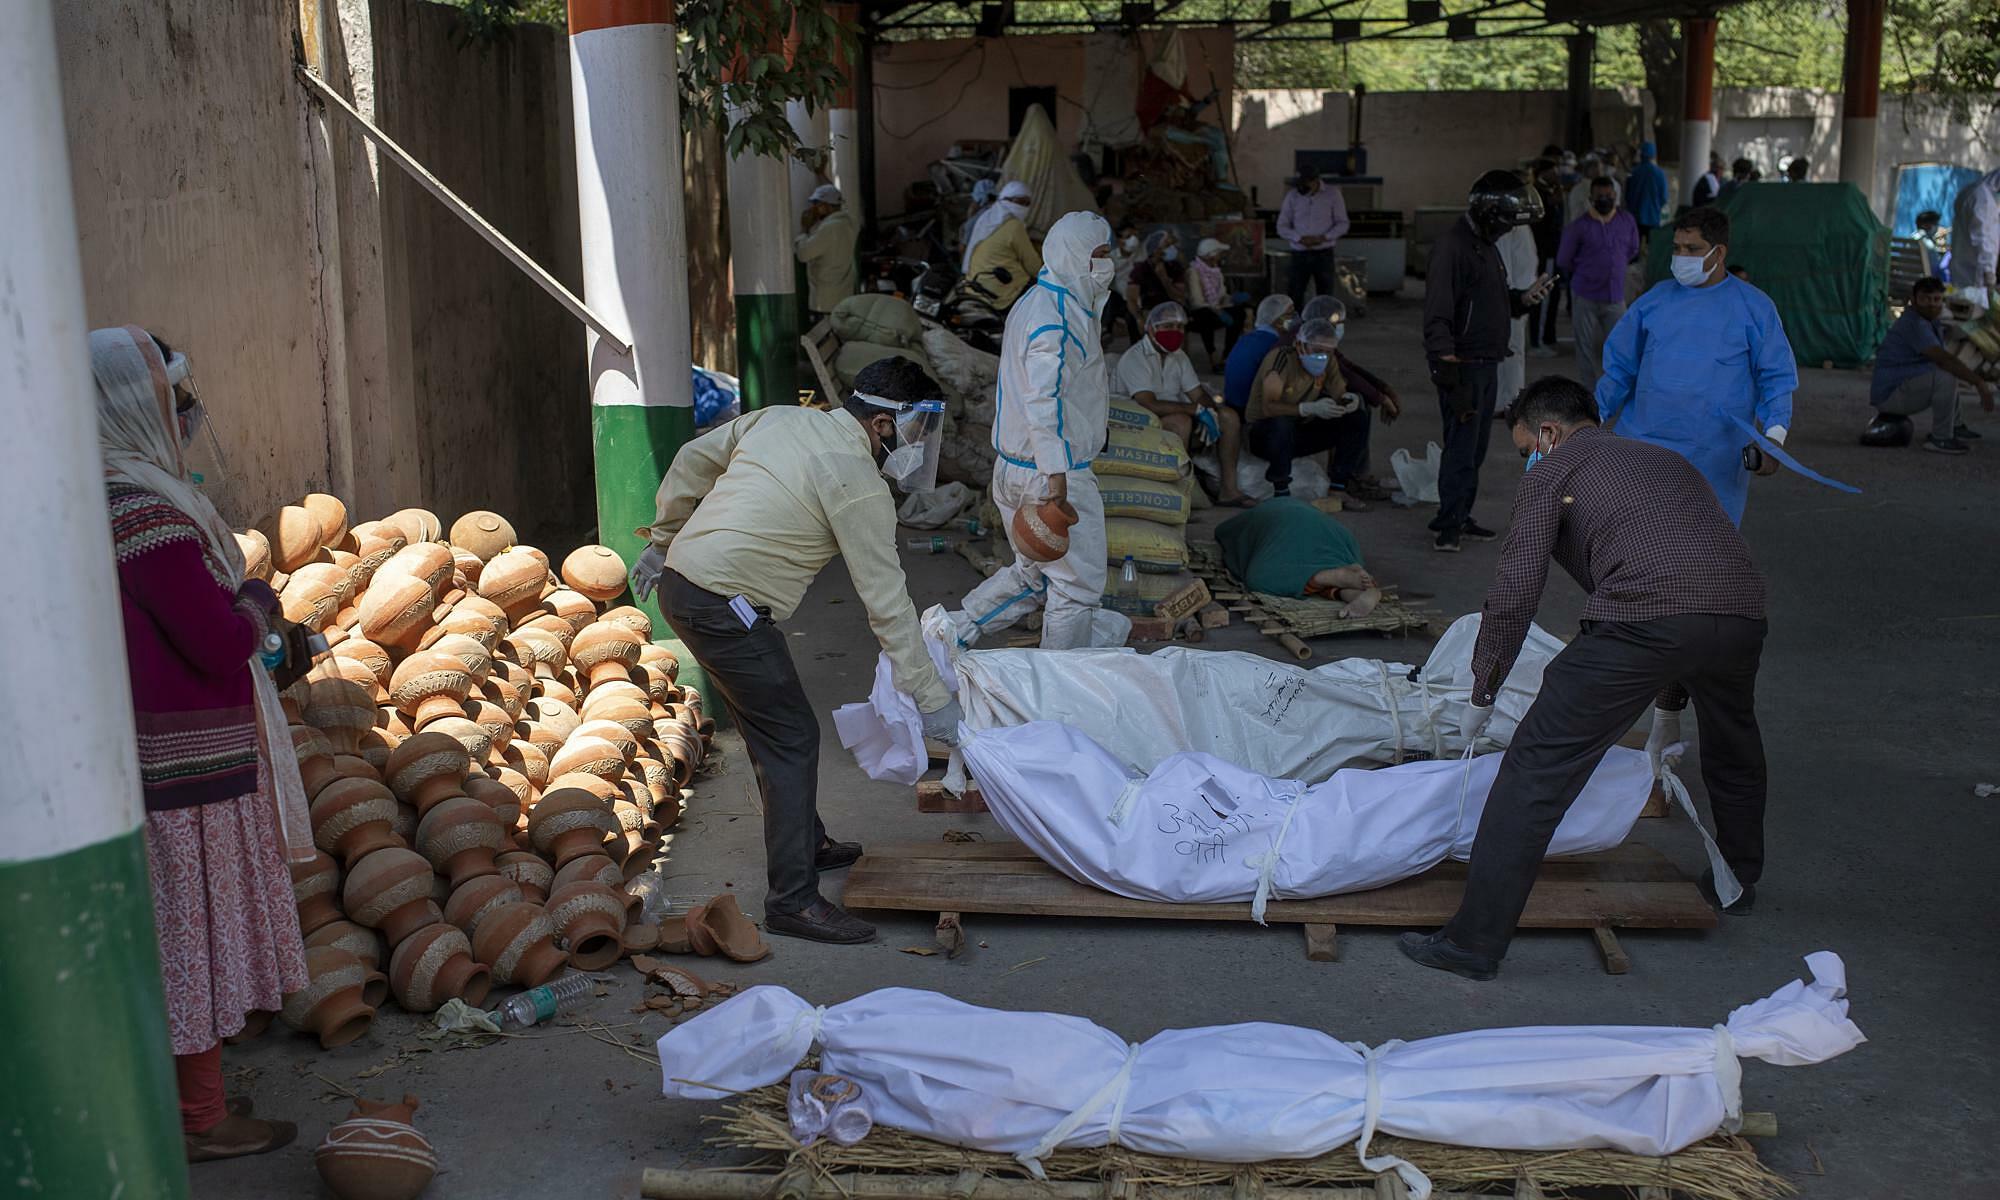 Thi thể các bệnh nhân tử vong vì Covid-19 được tập trung tại một địa điểm hỏa thiêu ở thủ đô New Delhi, Ấn Độ vào ngày 24/4. Ảnh: AP.